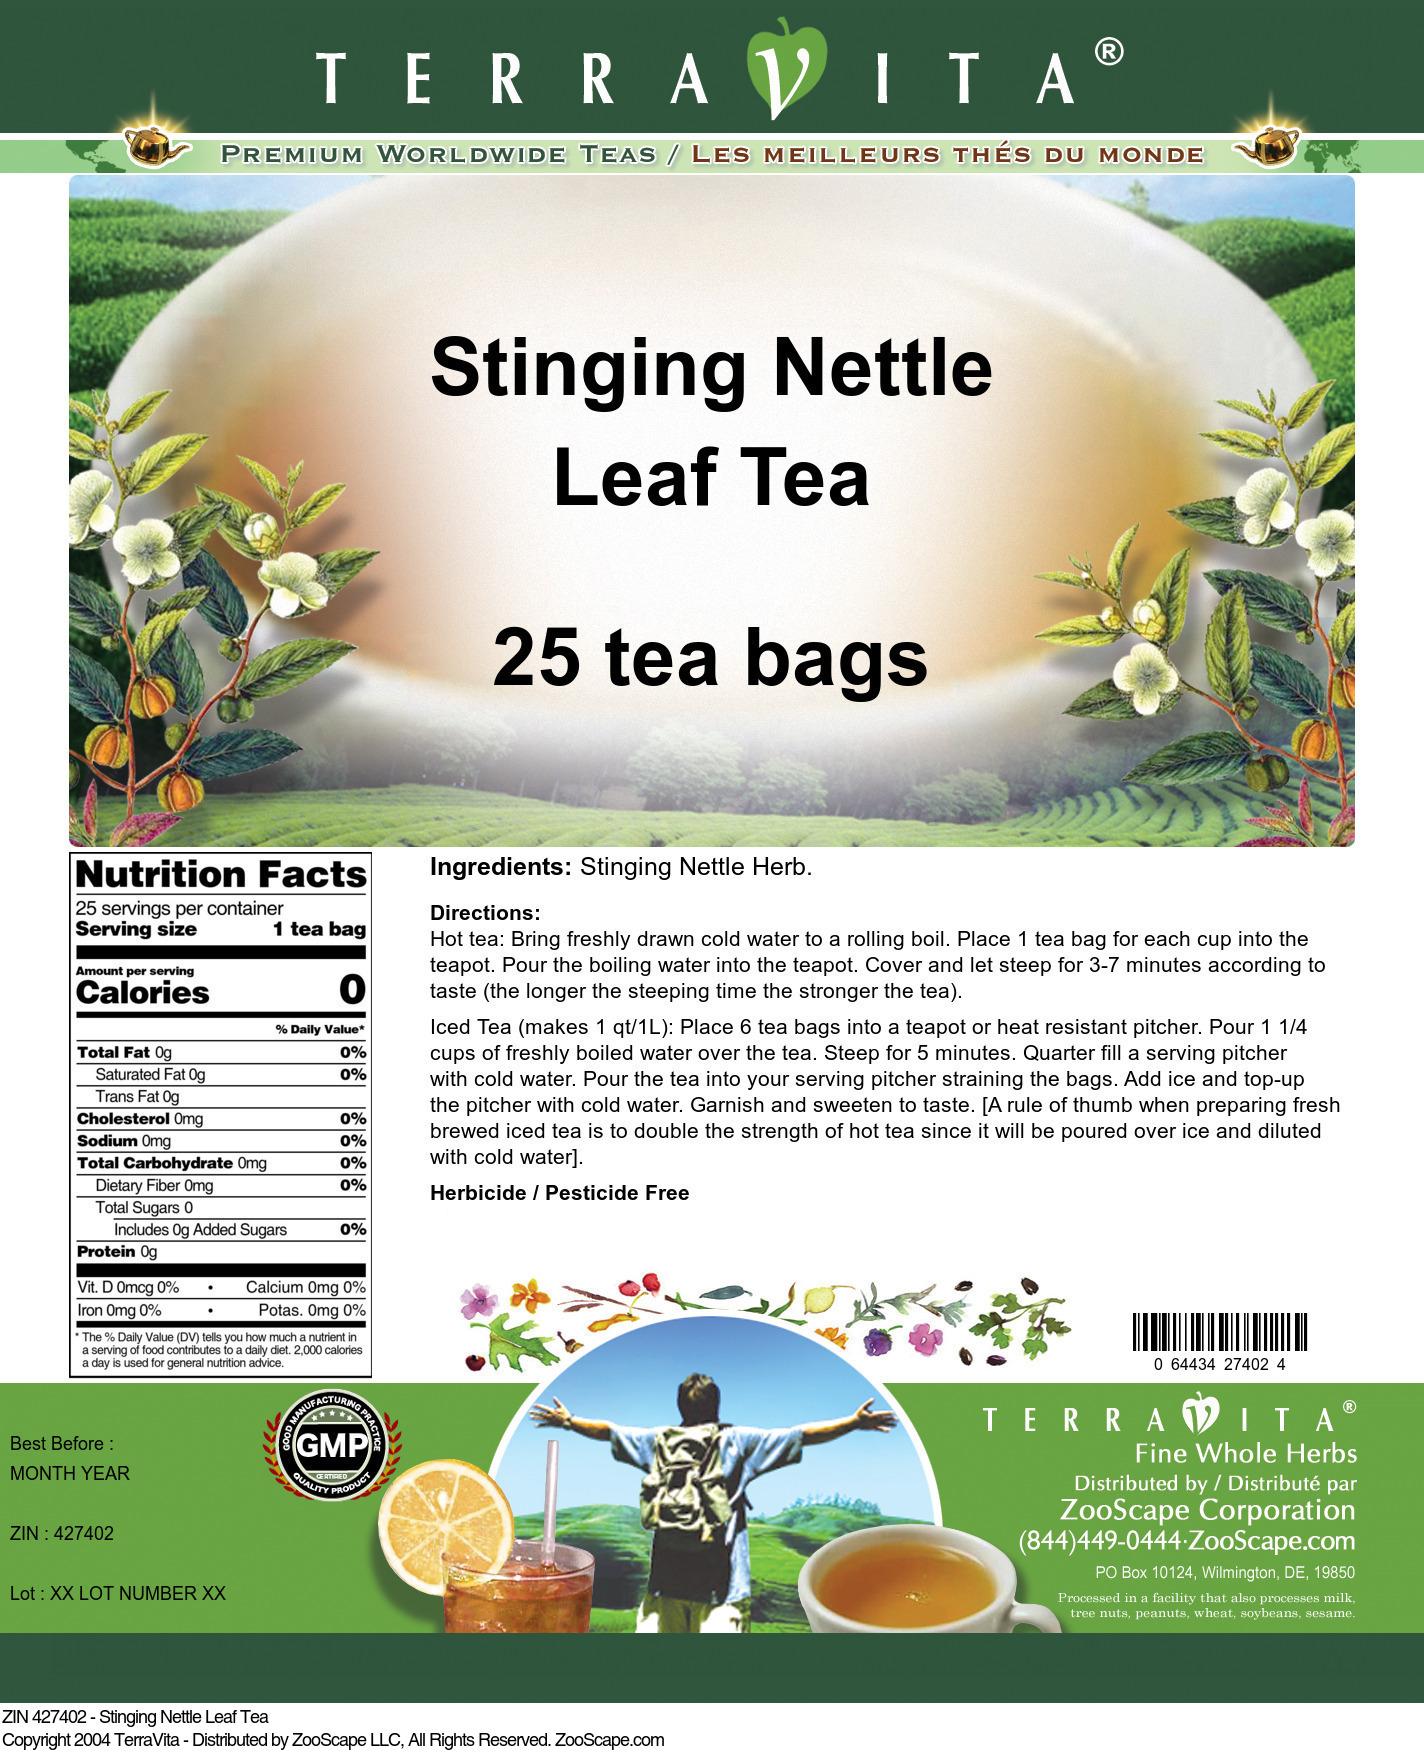 Stinging Nettle Leaf Tea